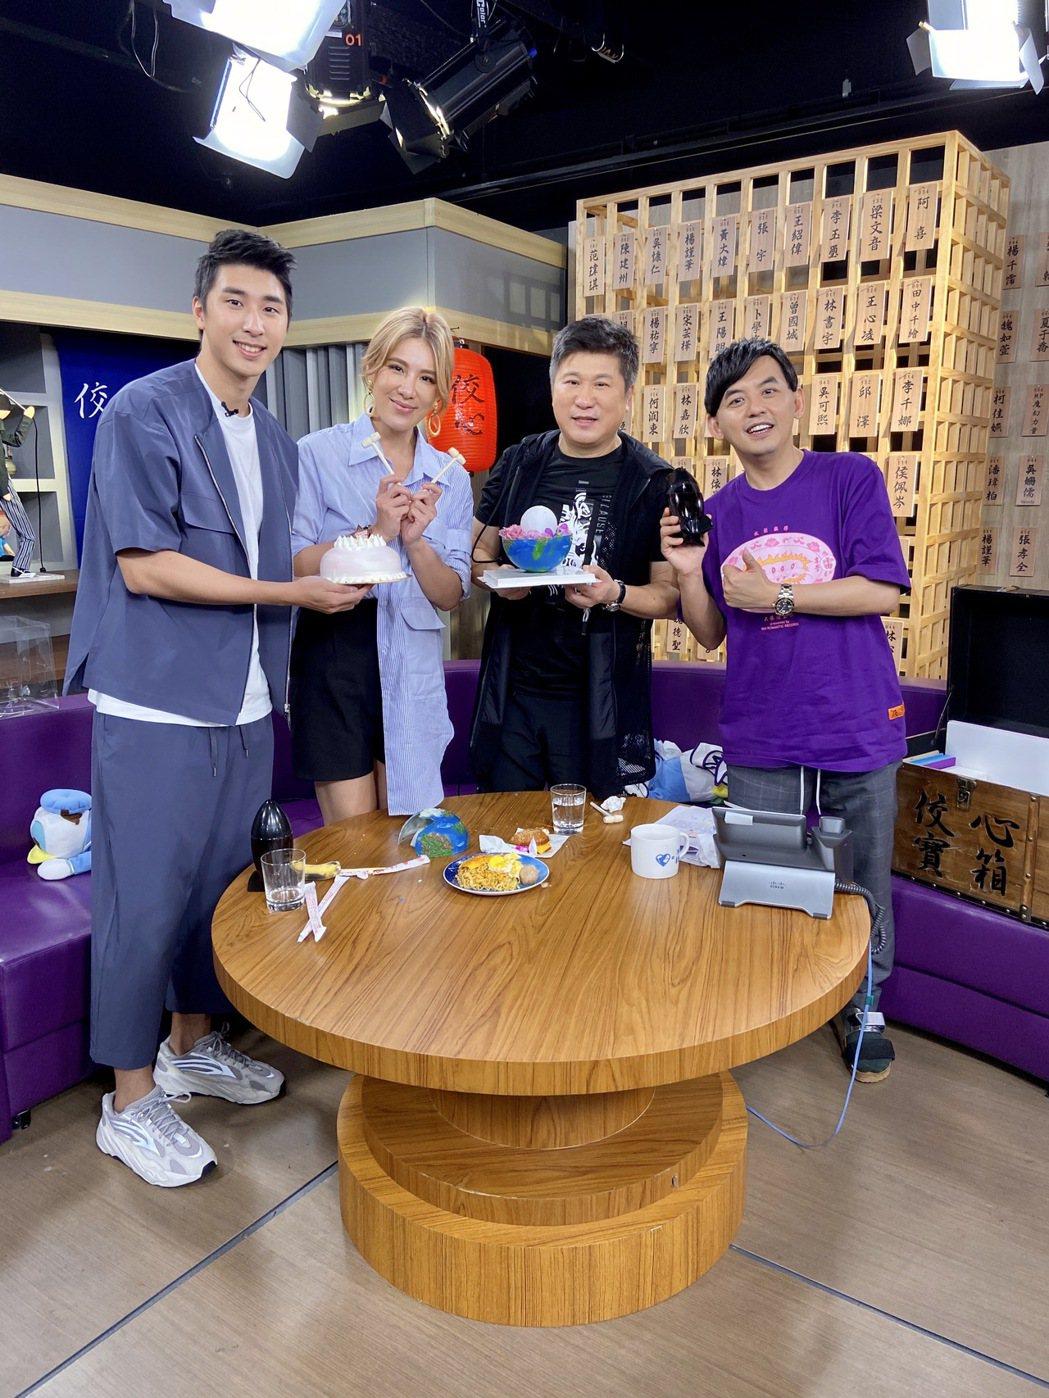 胡釋安(左起)和小禎、胡瓜上黃子佼主持的「佼心食堂」。圖/中天提供